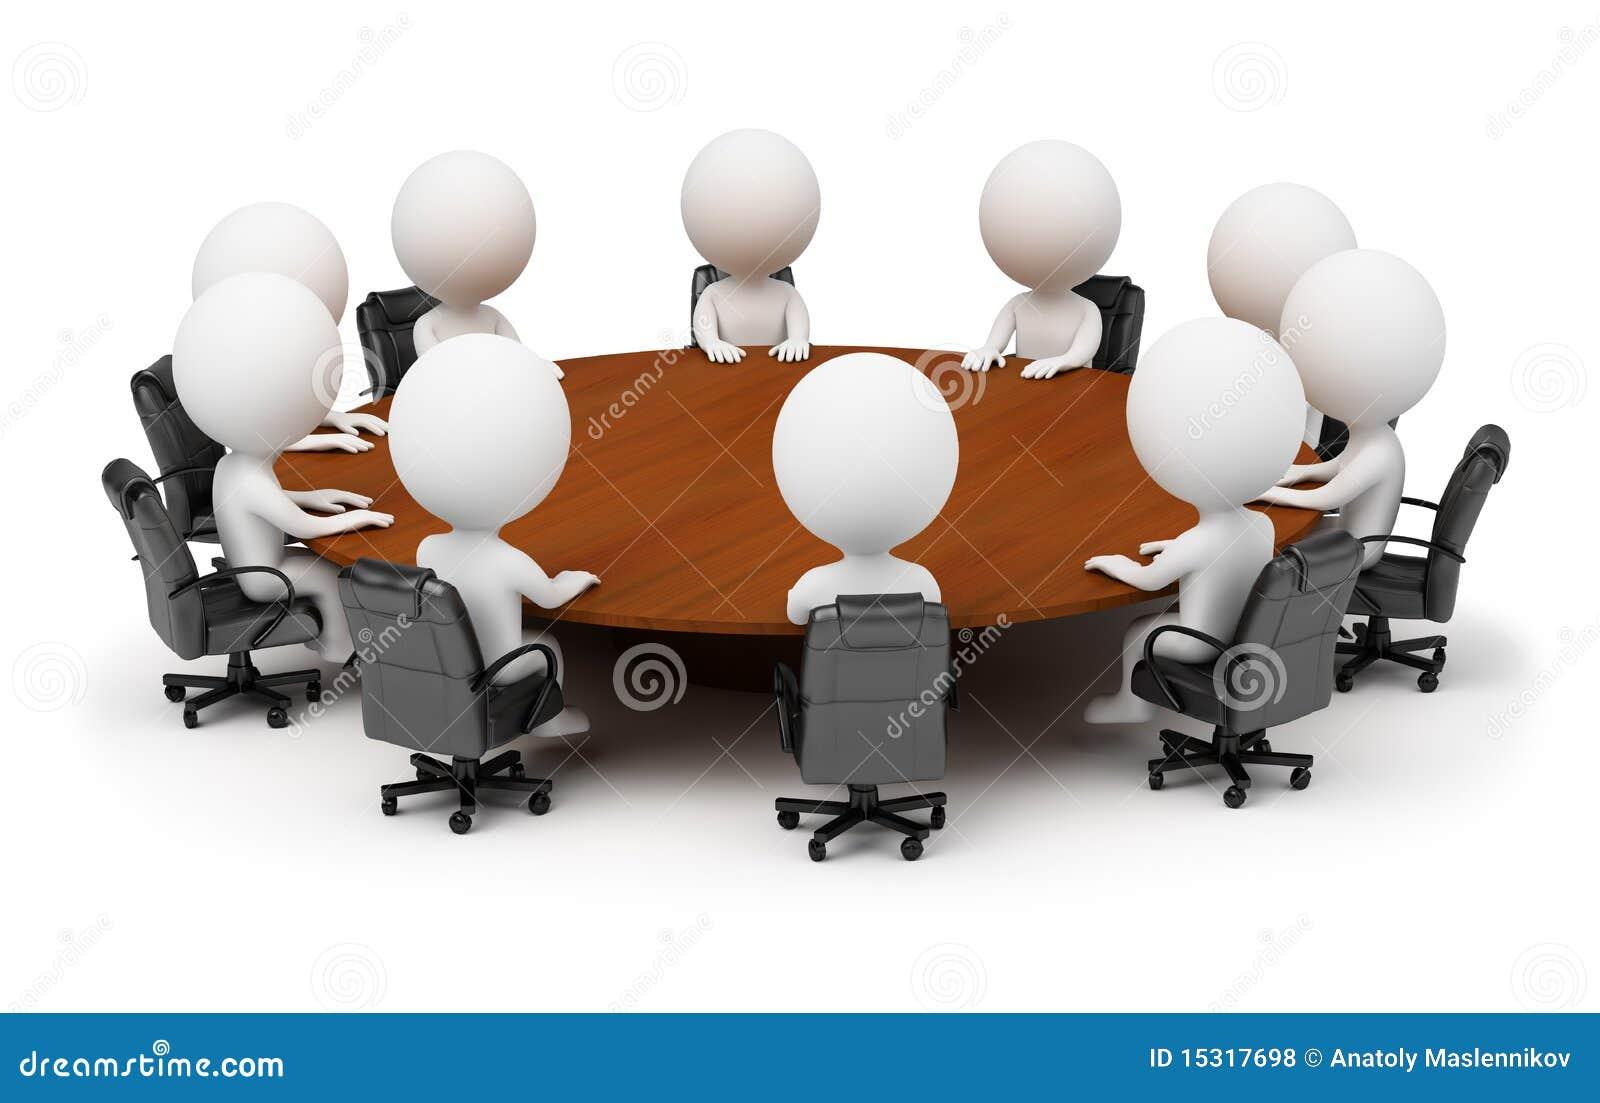 3d kleine Leute - Sitzung hinter einer runden Tabelle